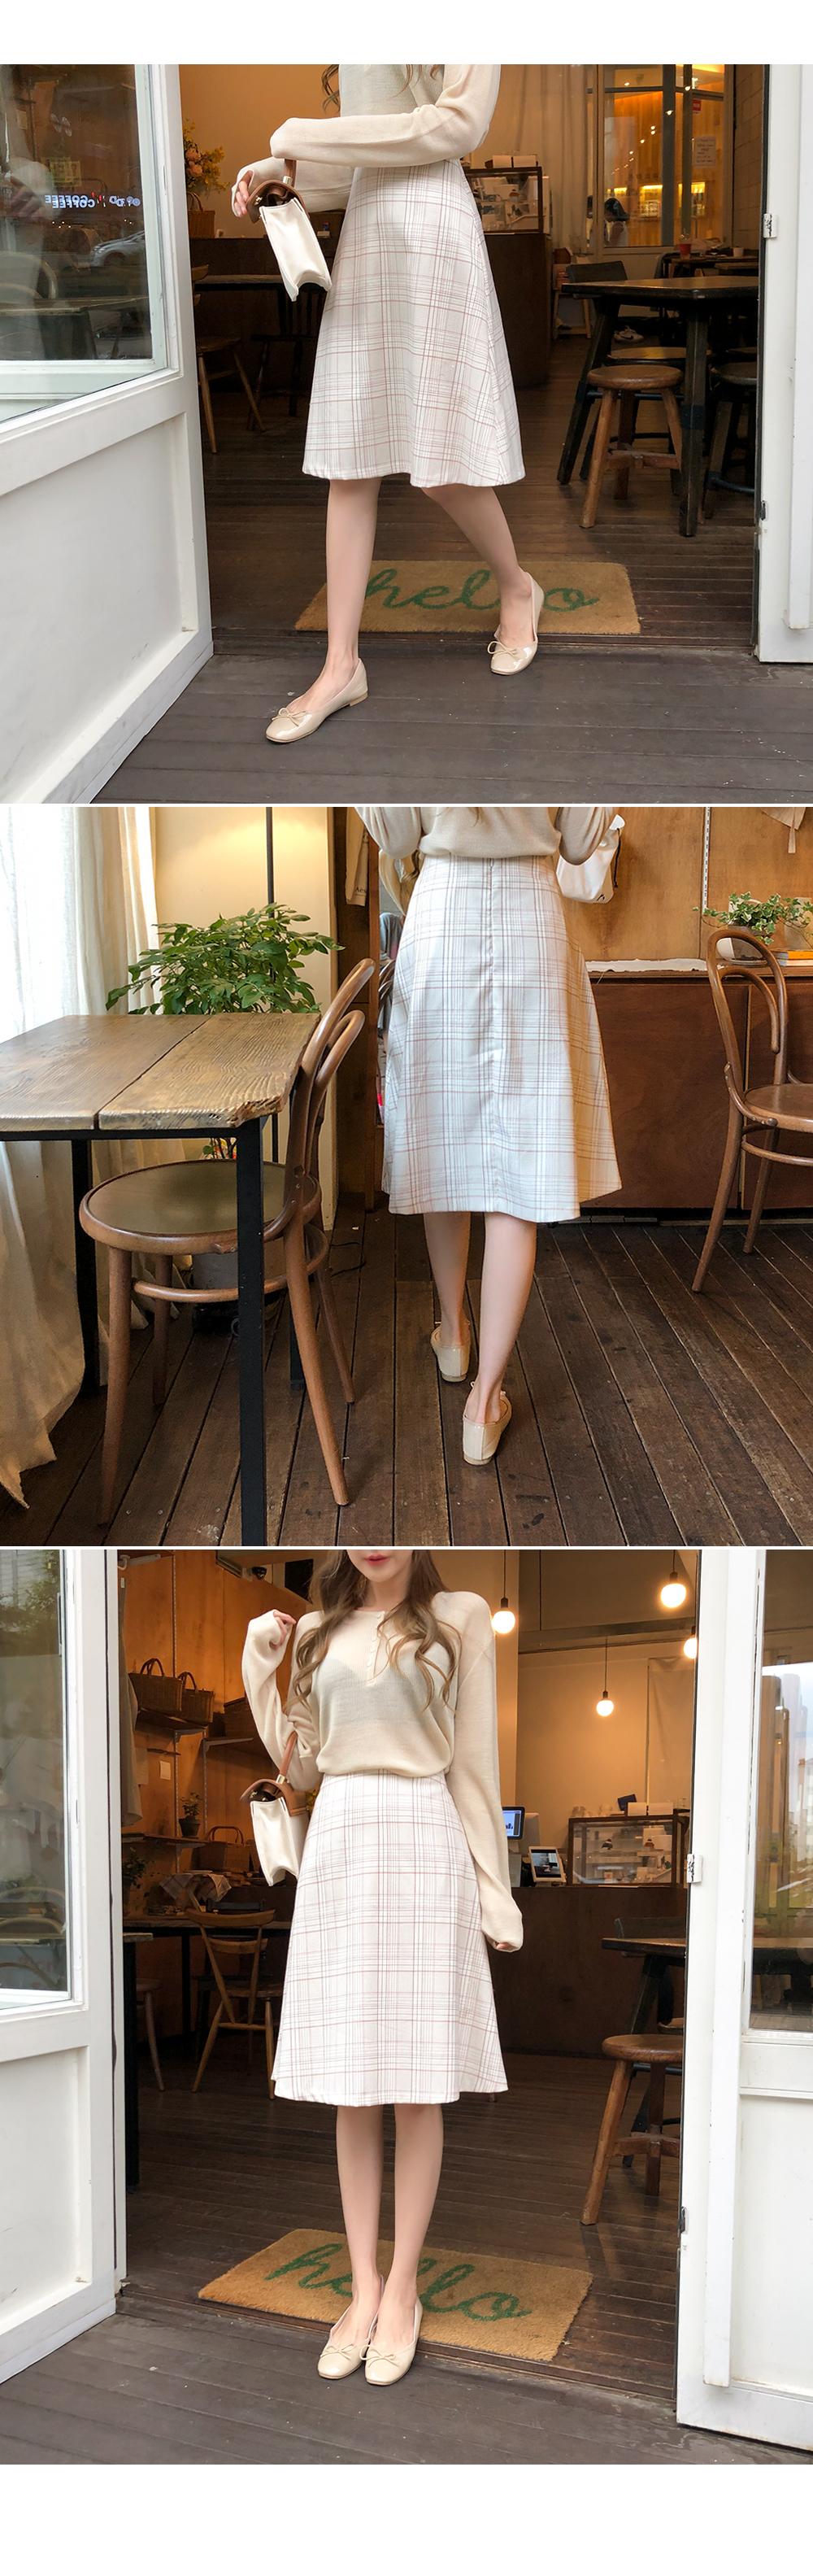 Lovely flared check skirt